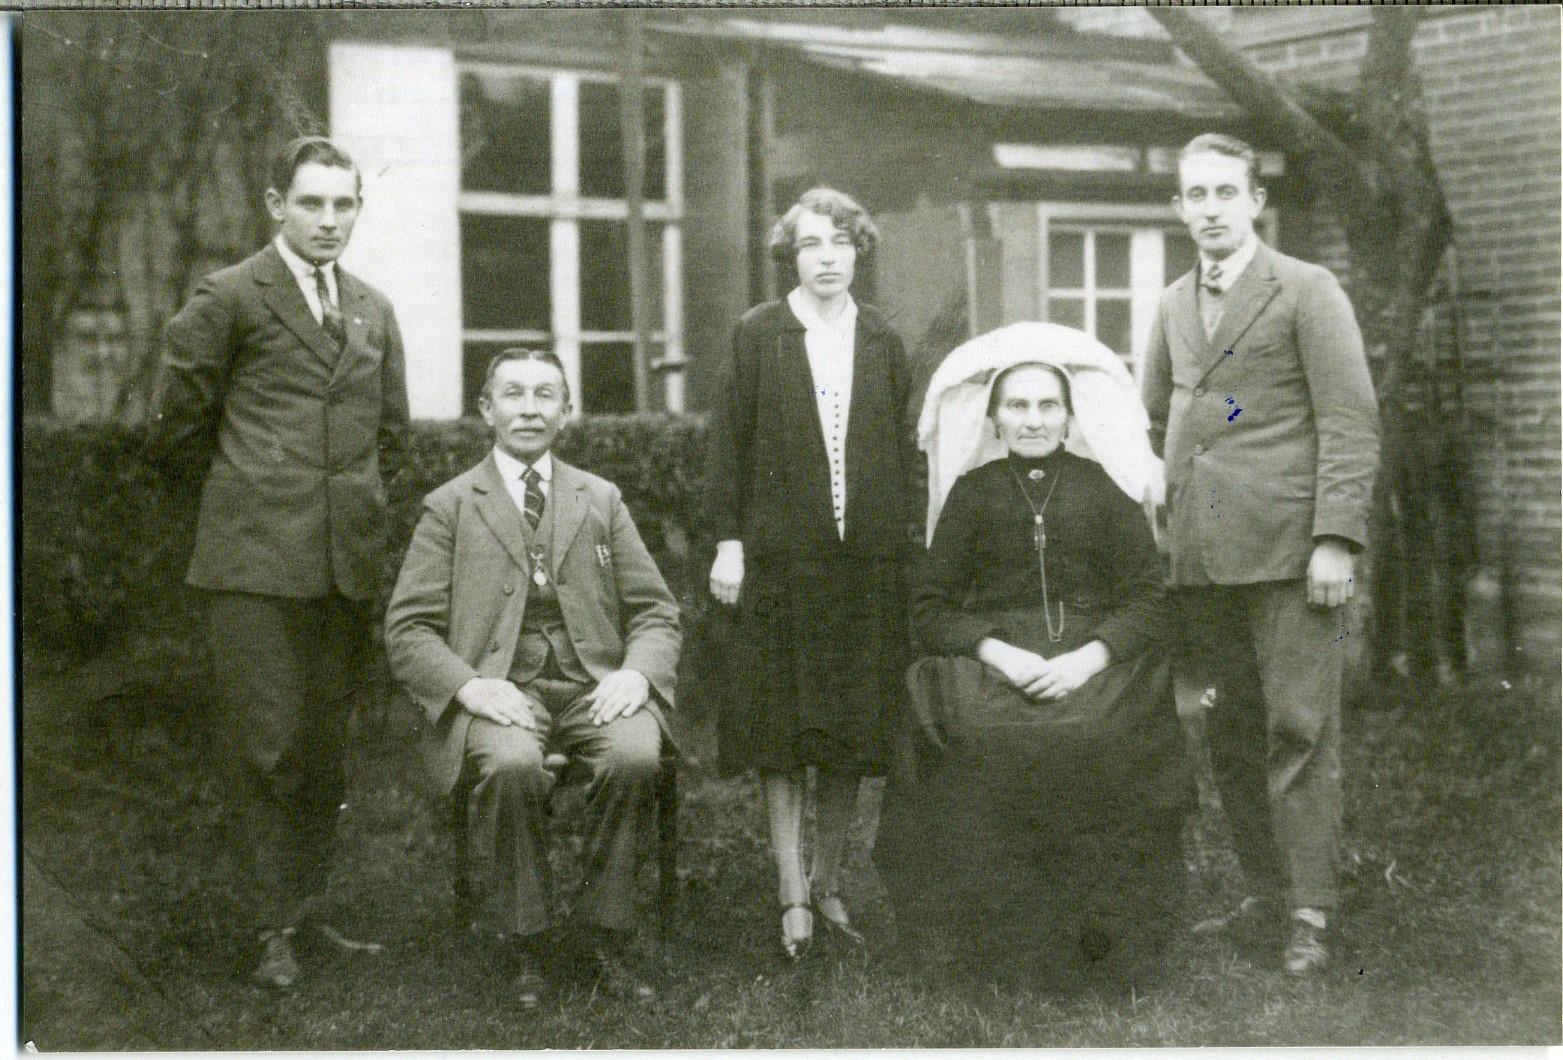 ca1925? Zelst, Cornelis van 1865-1952 X Oetelaar, Johanna v. d. 1870-1949